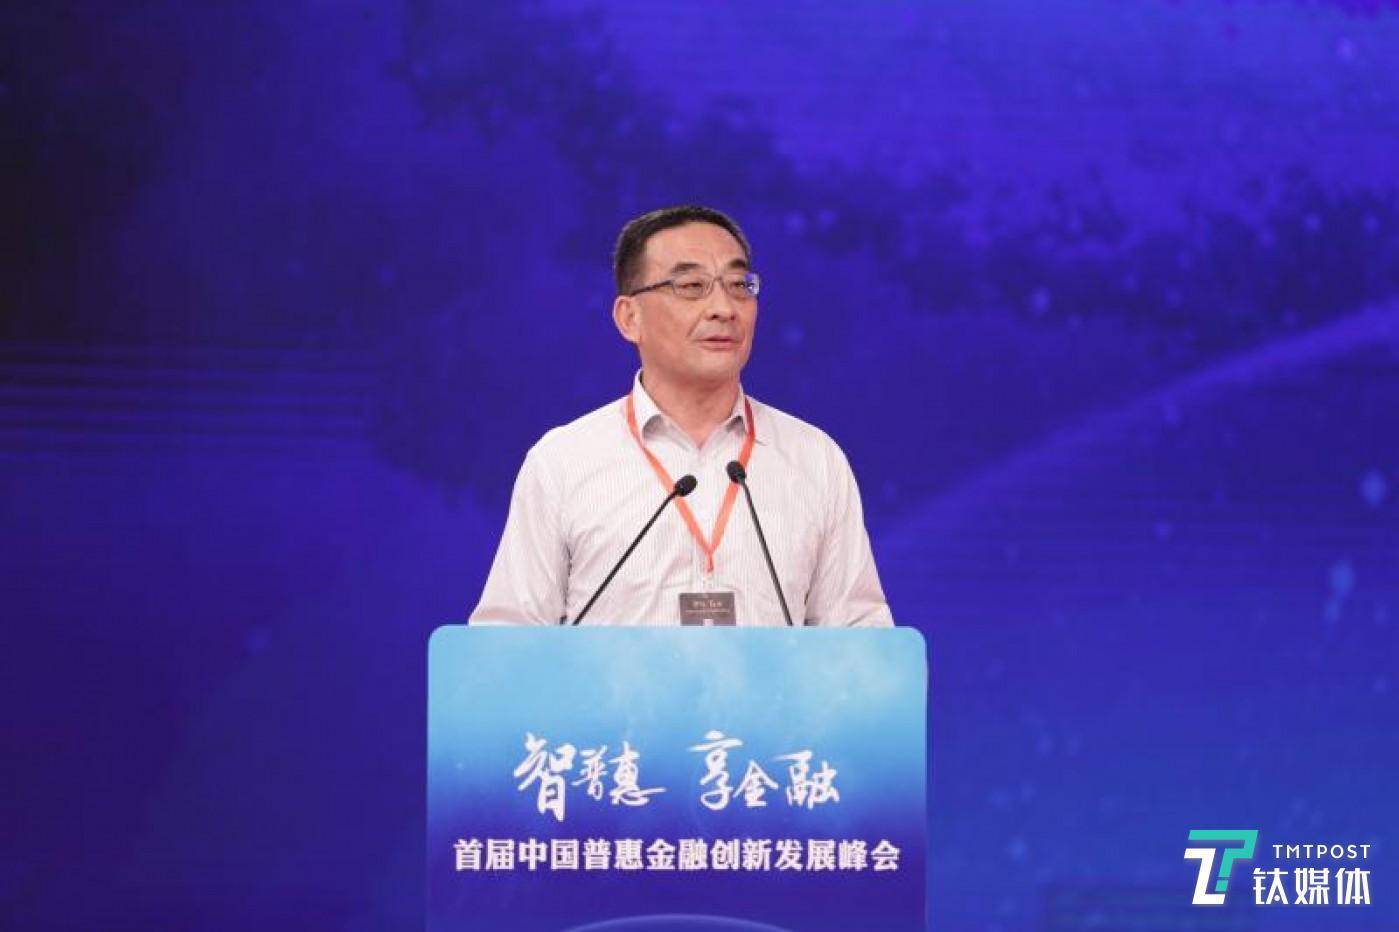 微众银行行长李南青:以践行普惠金融为目标